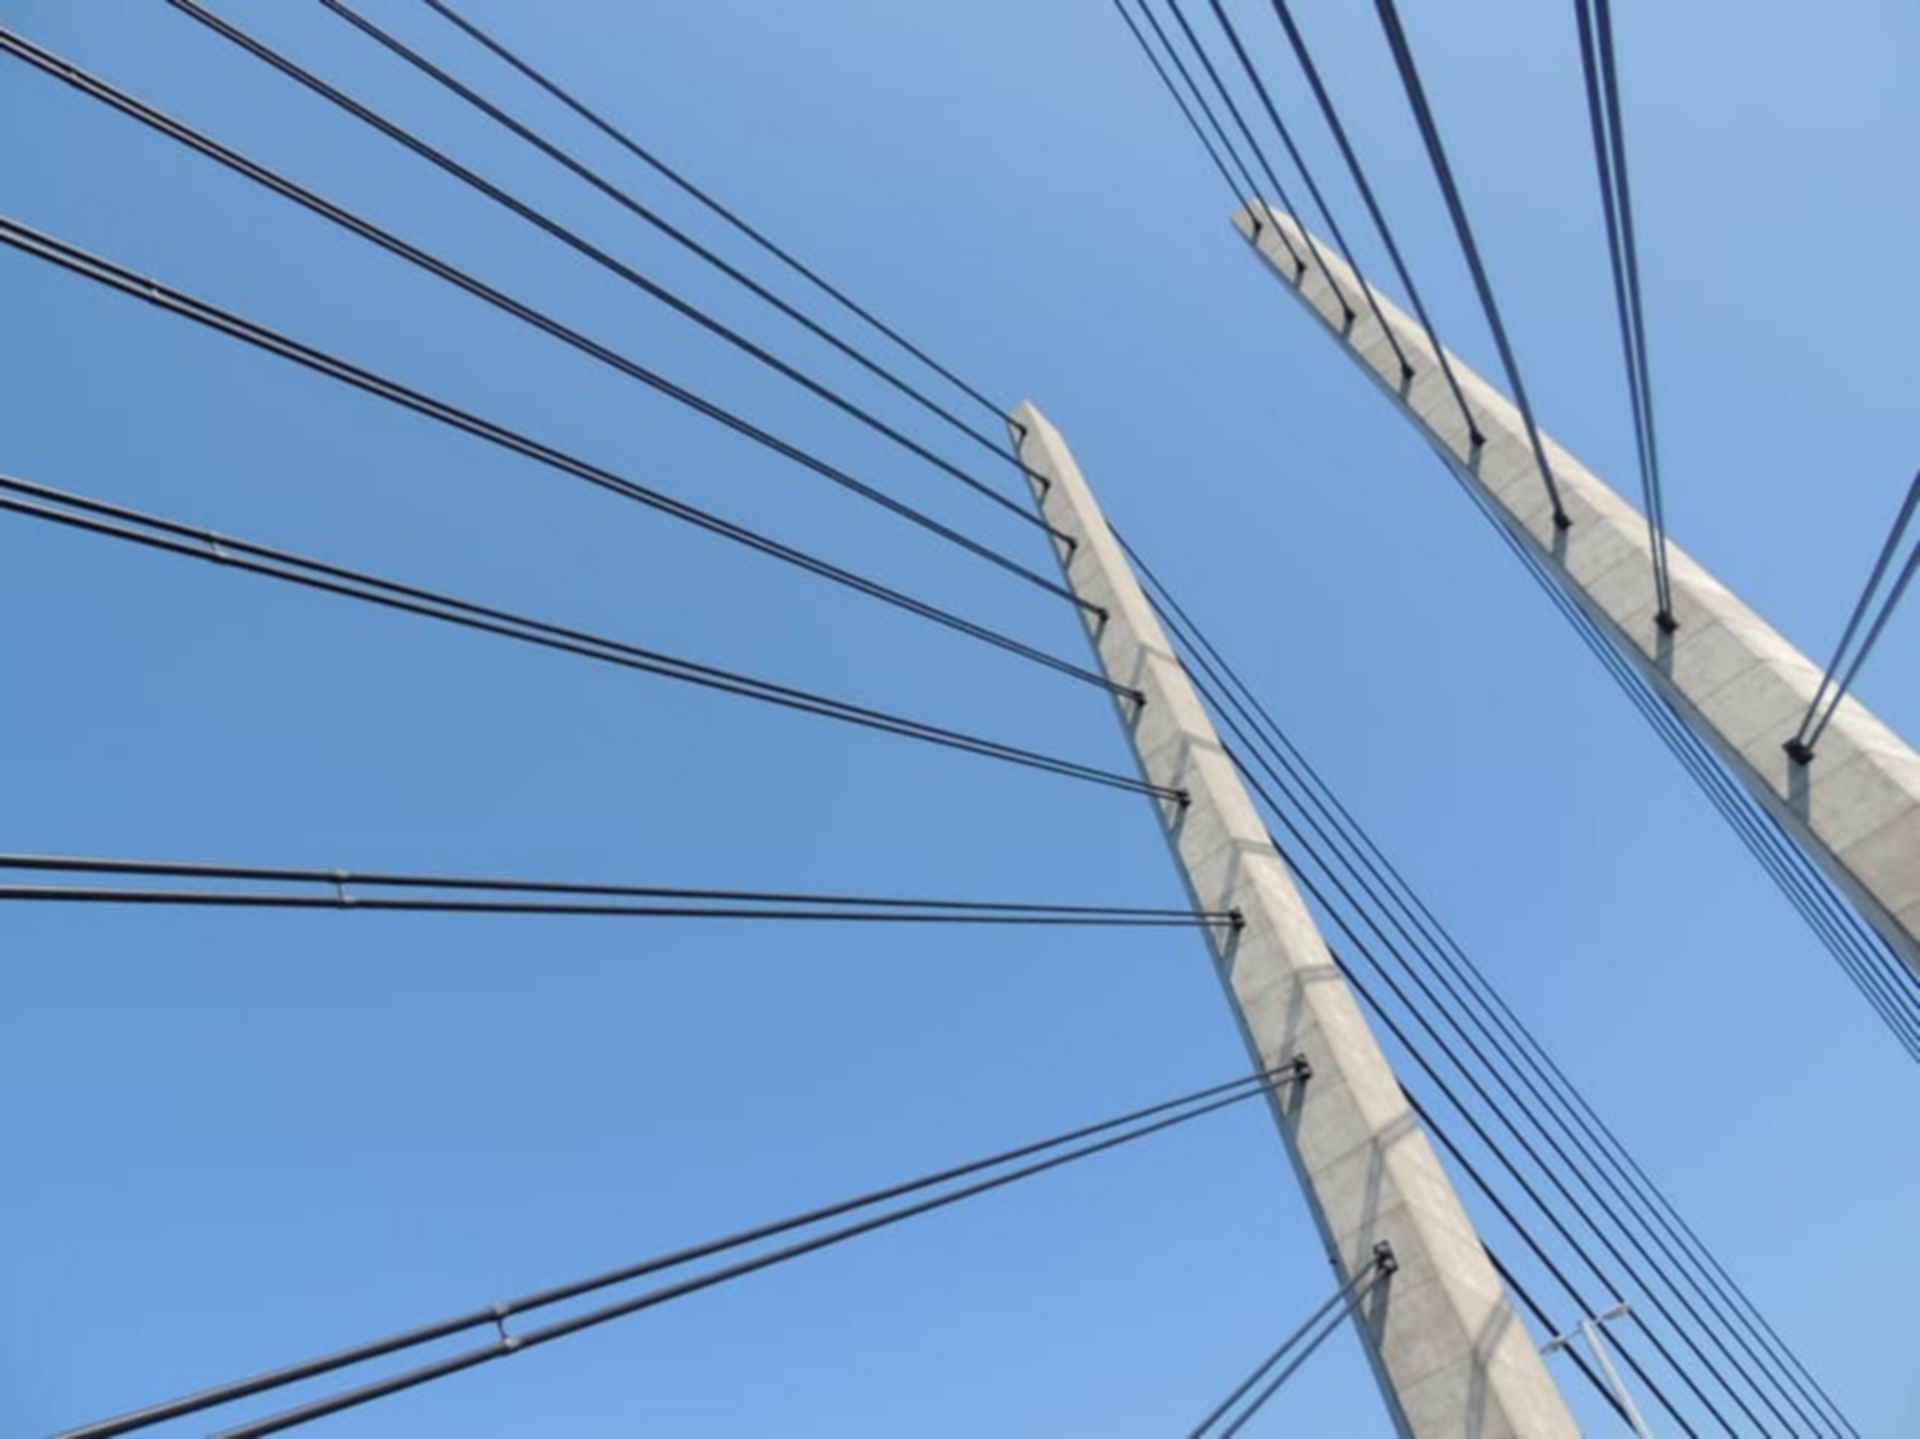 Steel-wire bridge structure